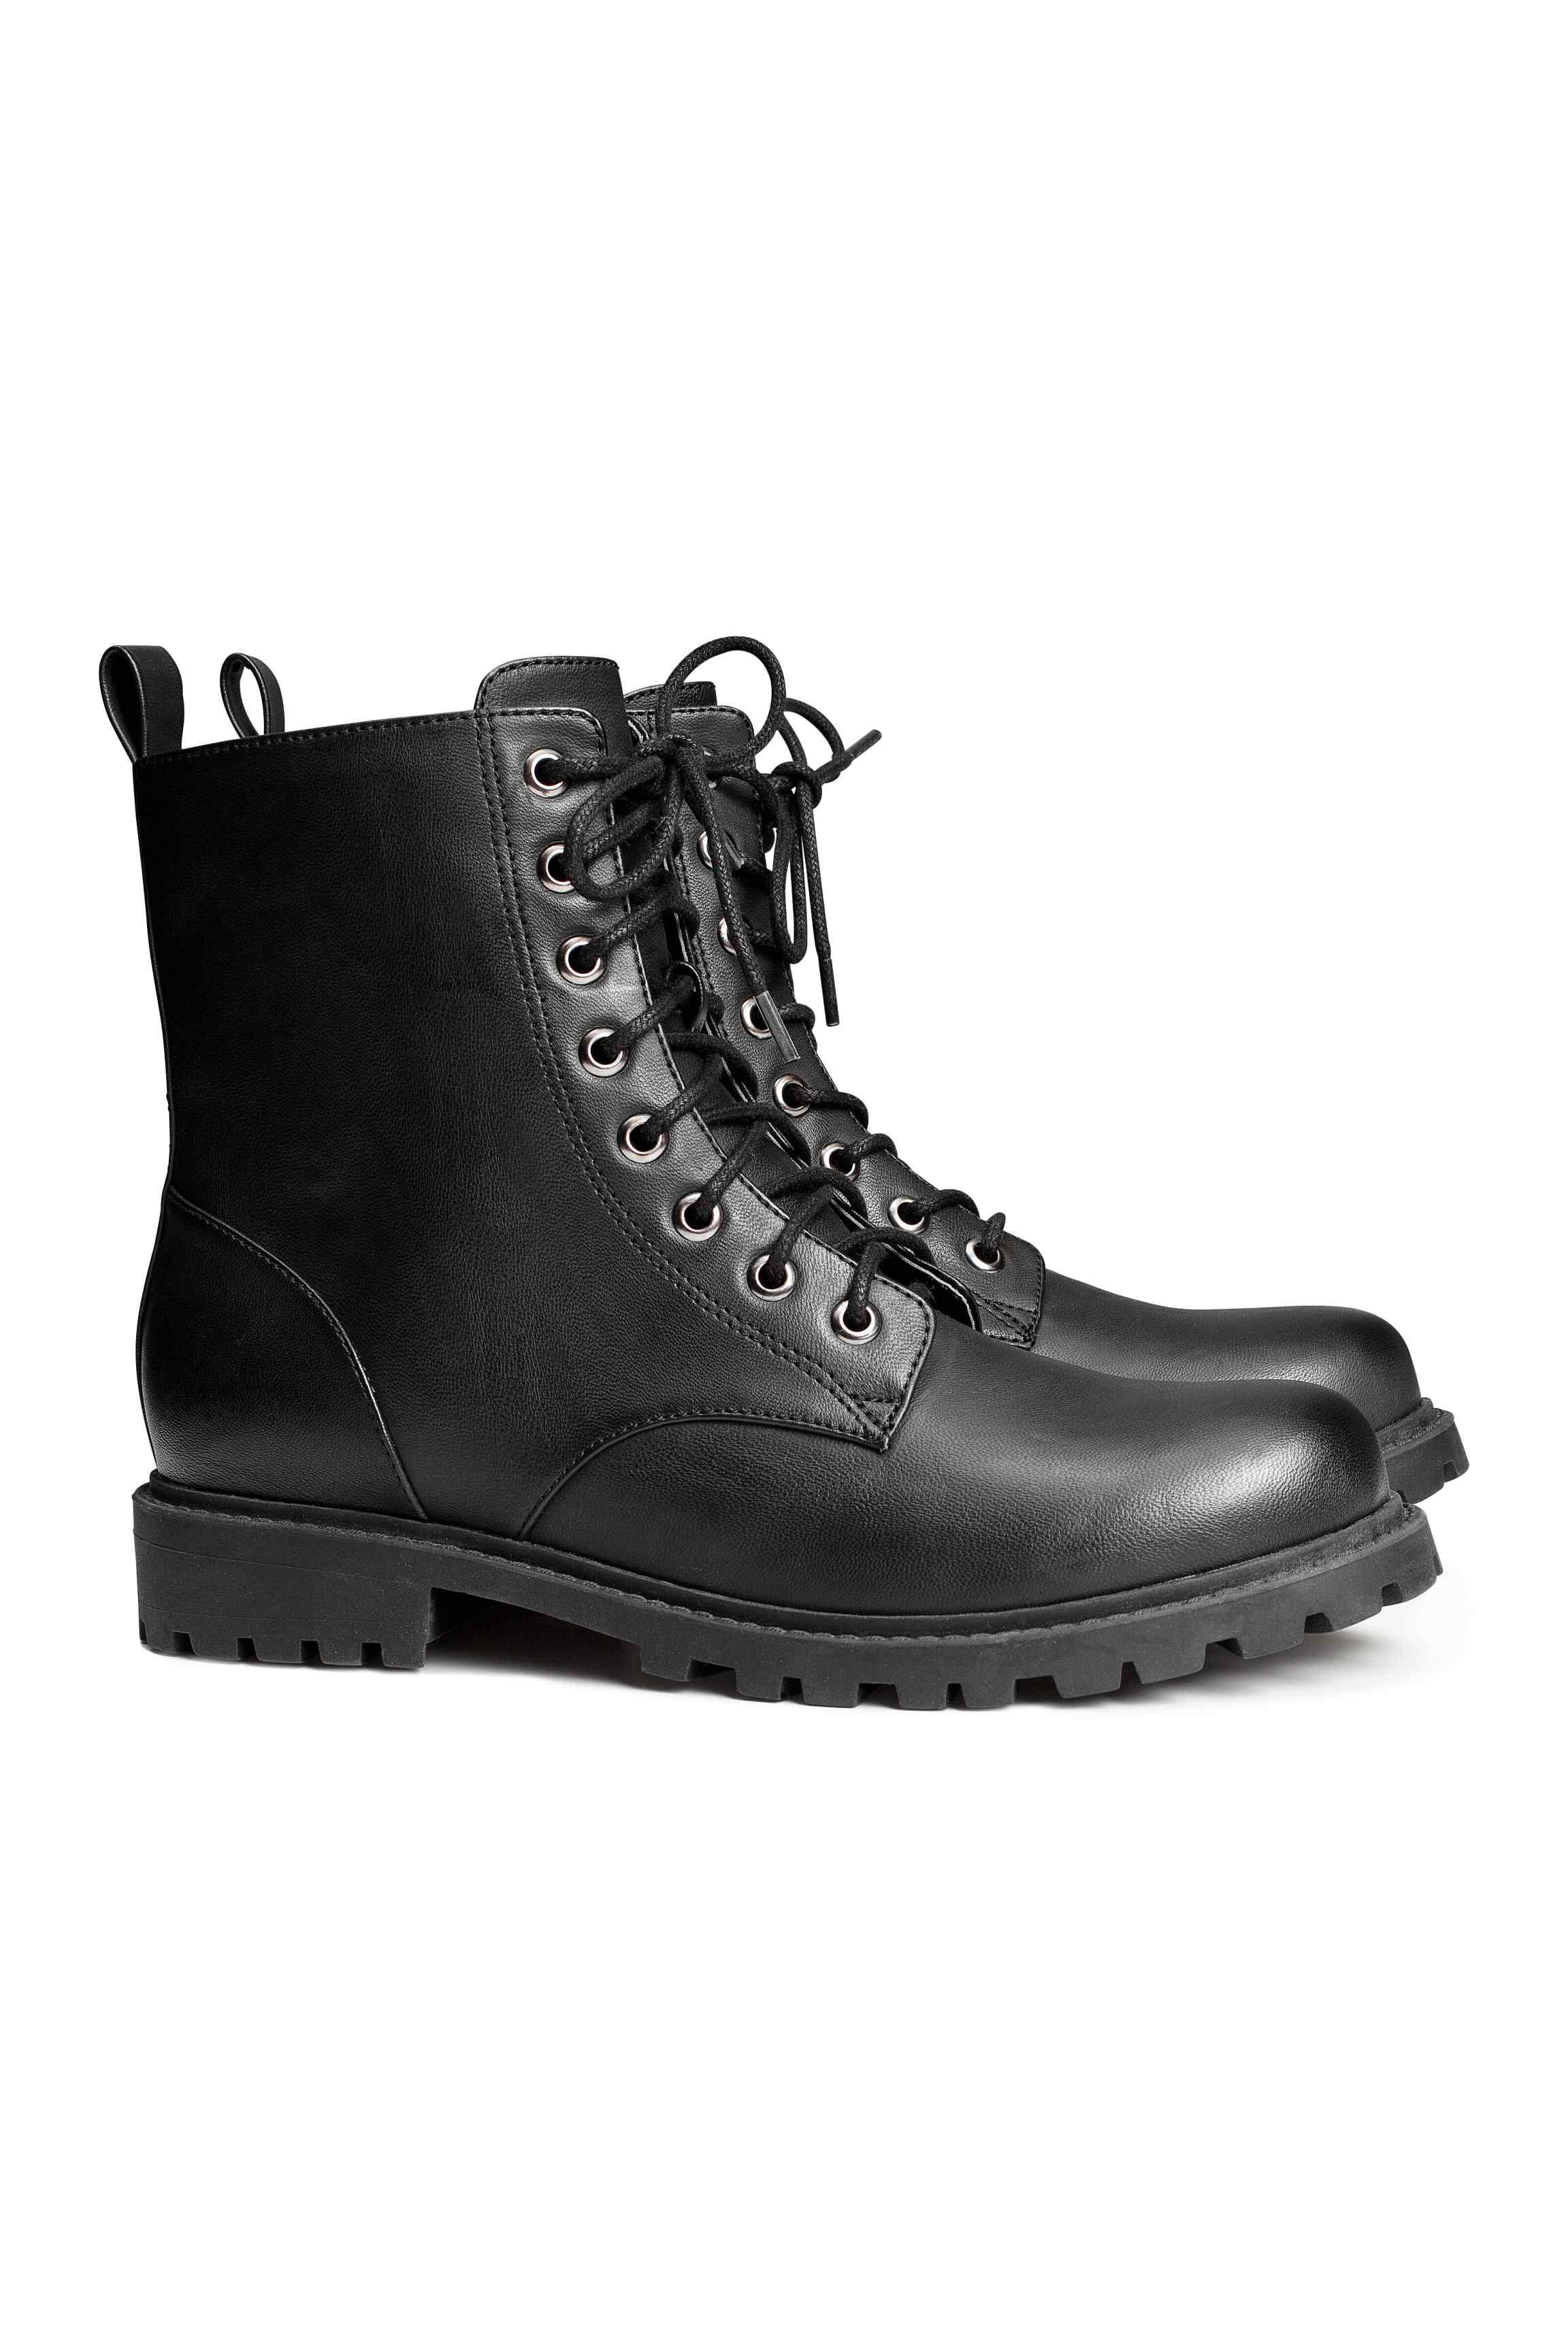 10 botines negros (planos y de tacón) de Zara, Bershka y H&M